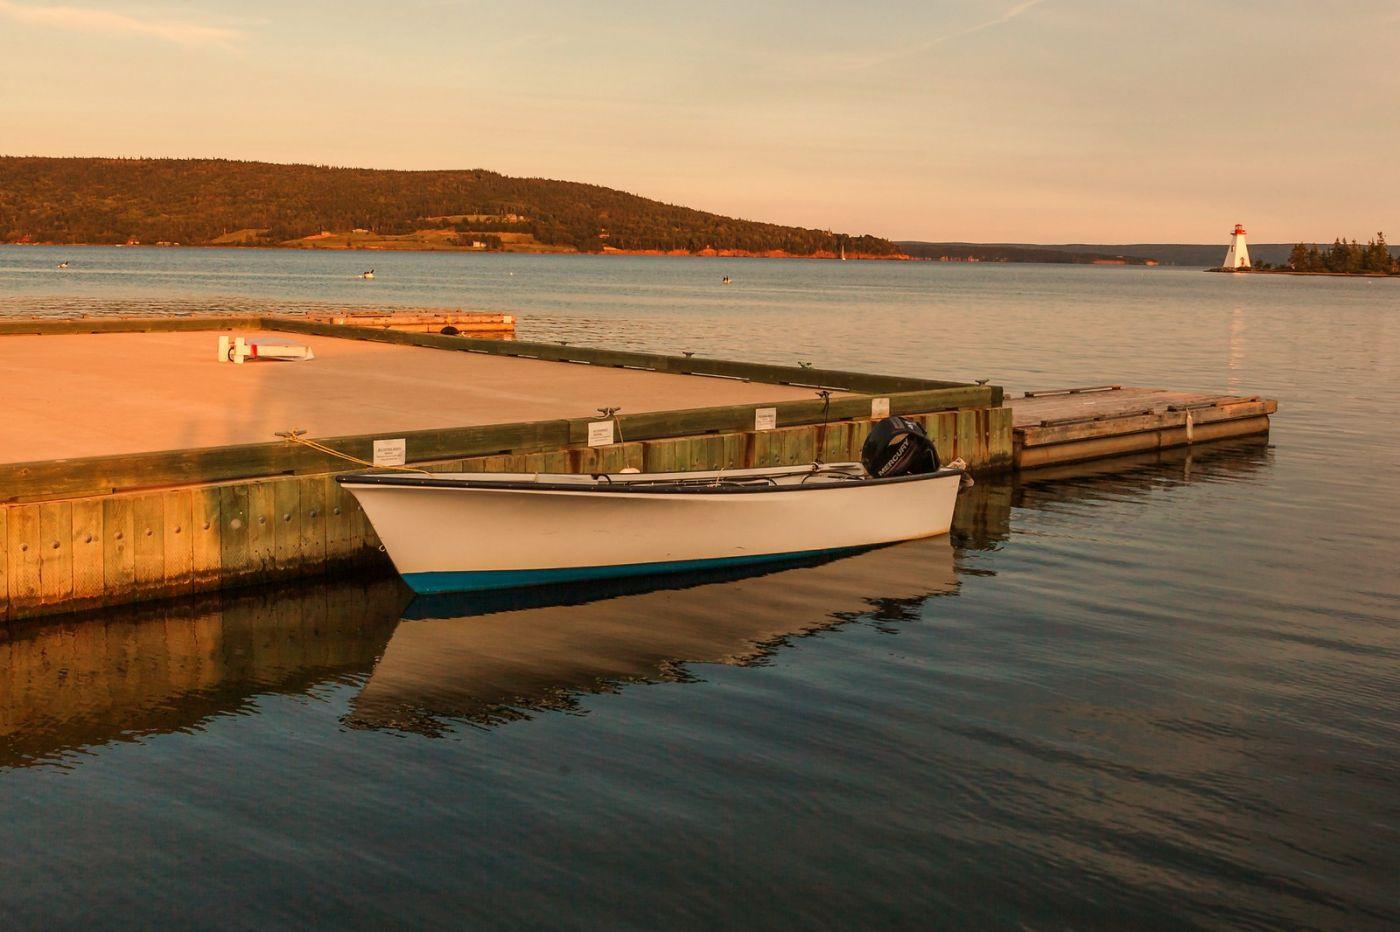 加拿大Nova Scotia, 帆船灯塔老鹰_图1-27